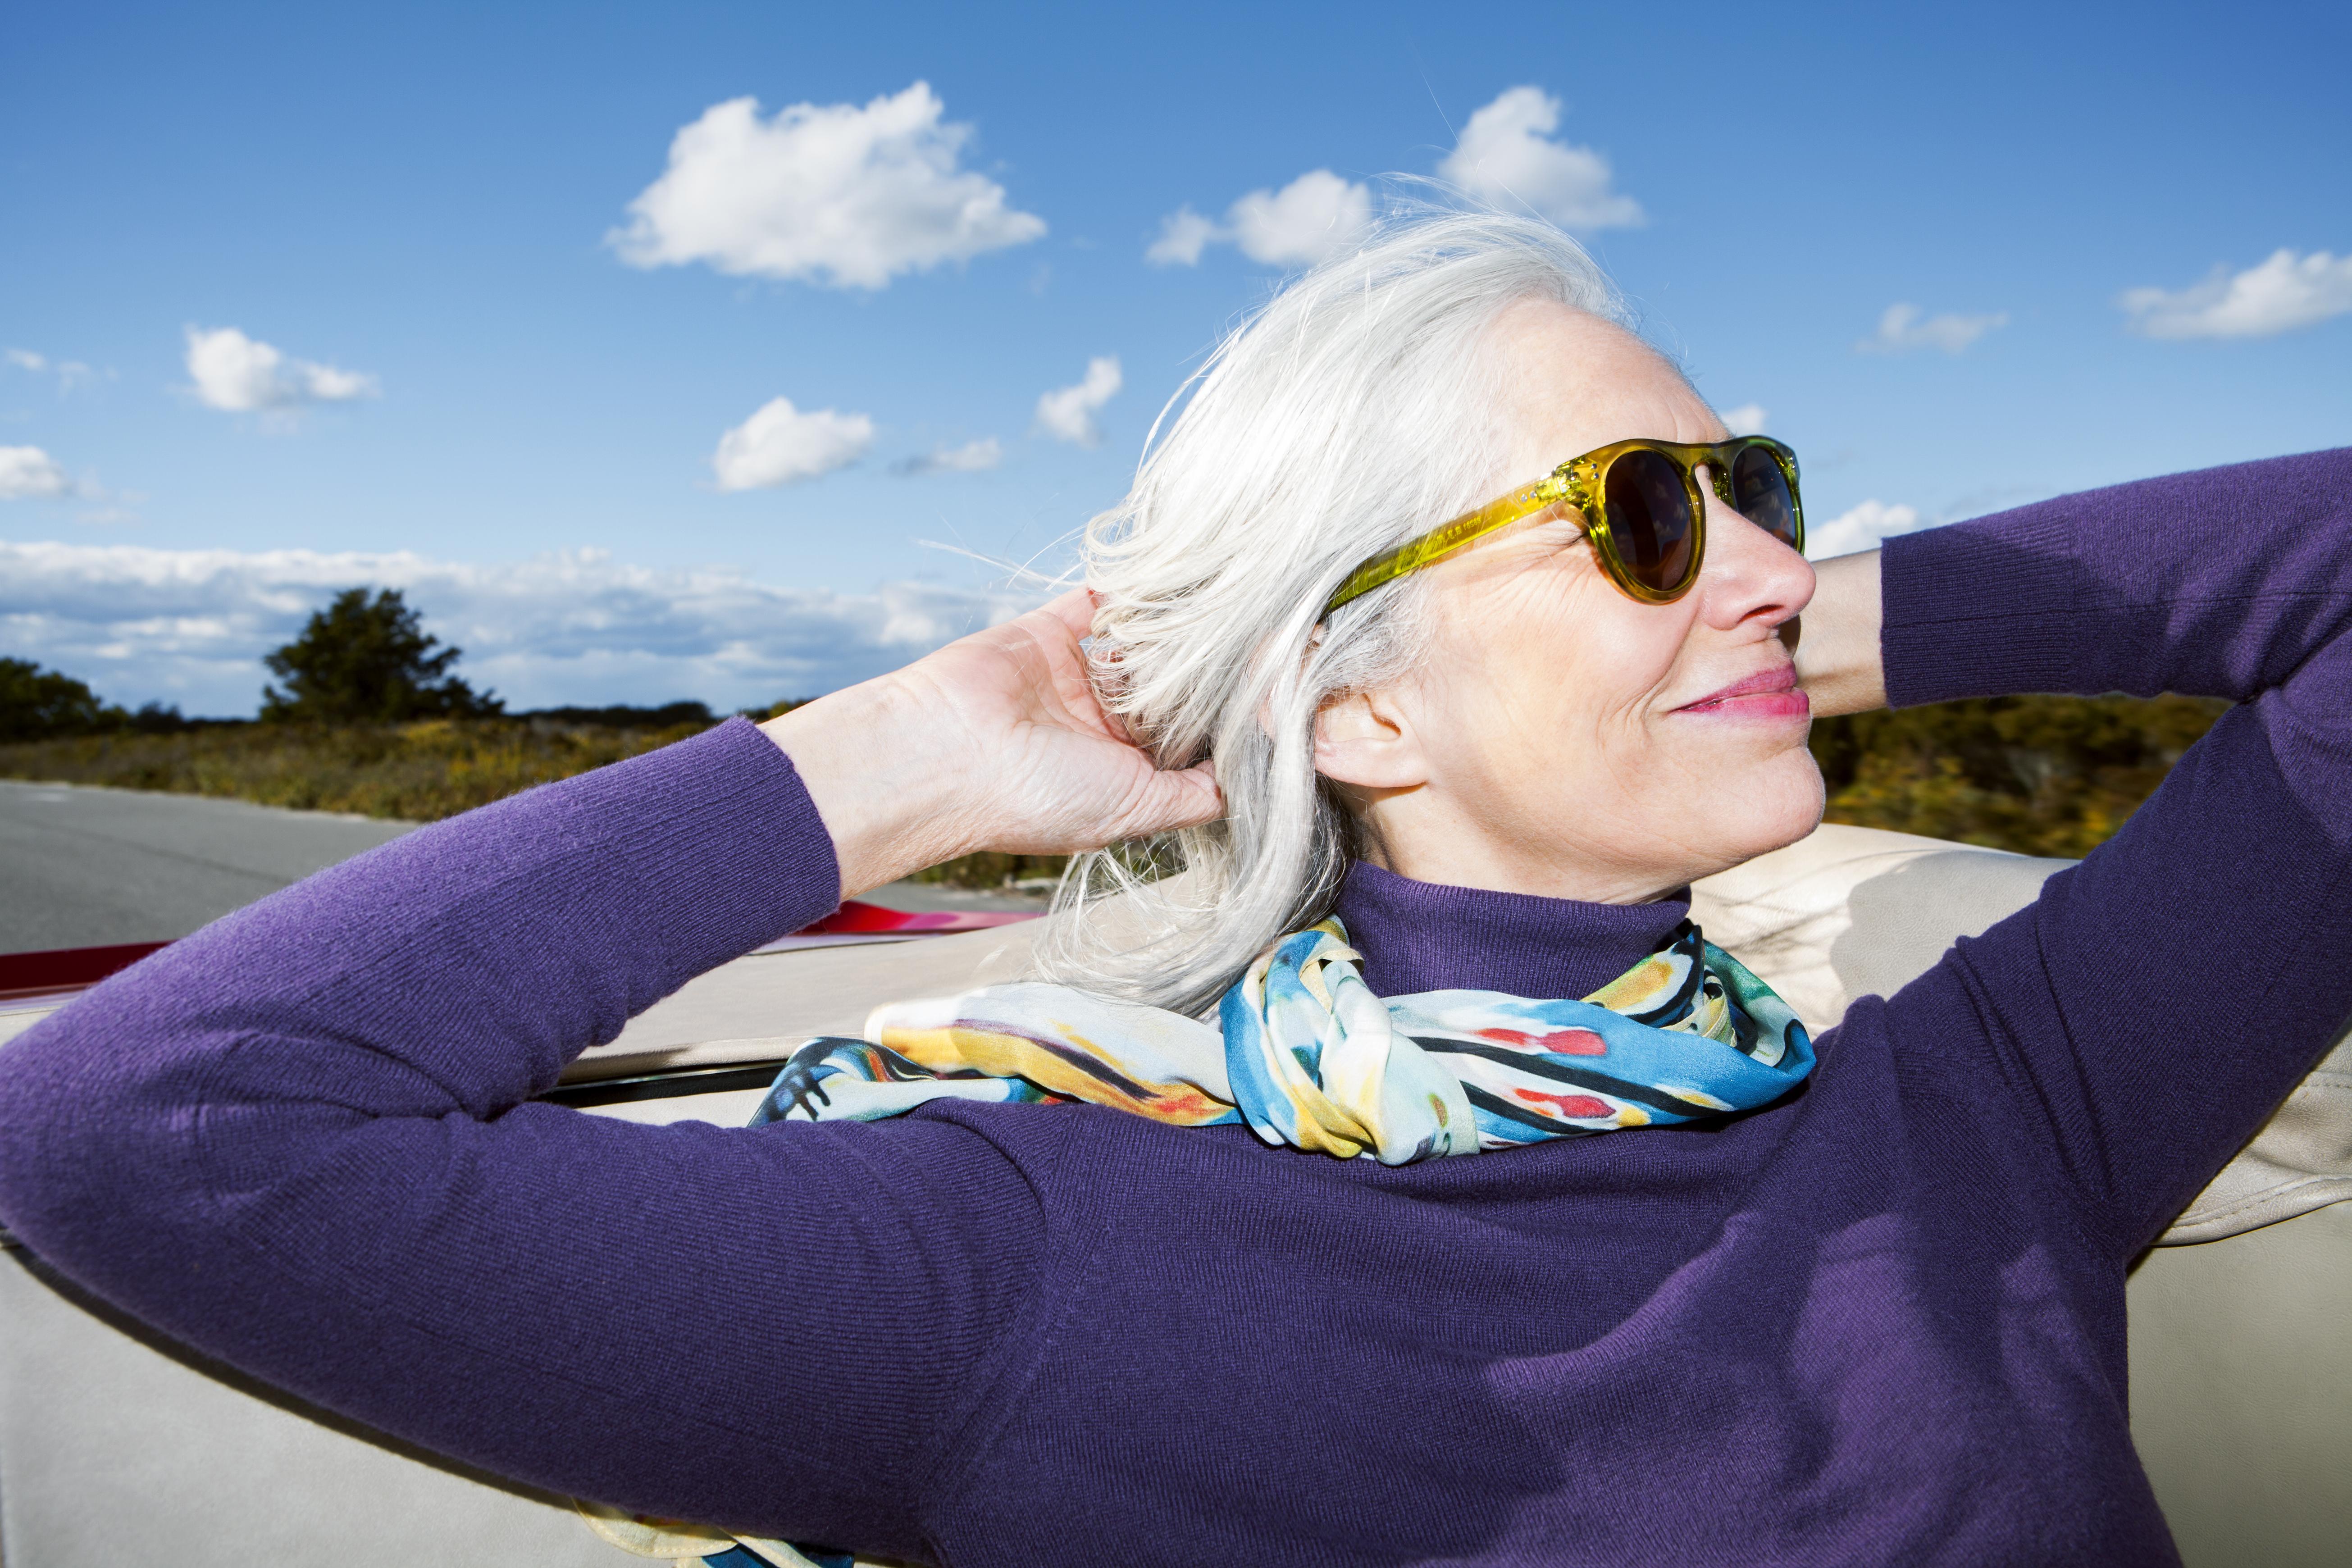 menopause and gray hair